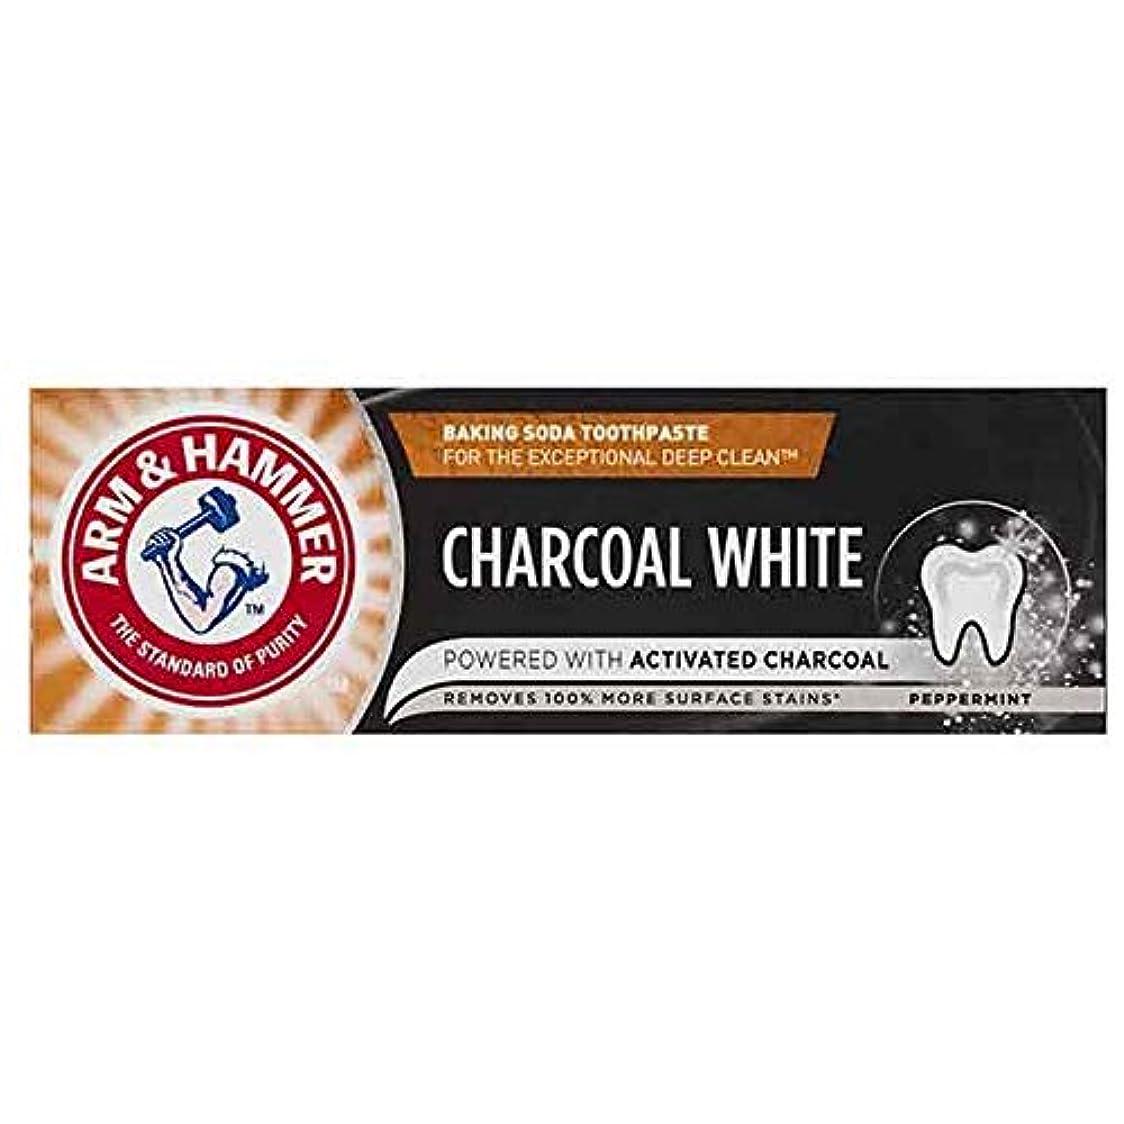 ラインナップ条件付き器用[Arm & Hammer ] アーム&ハンマー炭白い歯磨き粉25ミリリットル - Arm & Hammer Charcoal White Toothpaste 25ml [並行輸入品]